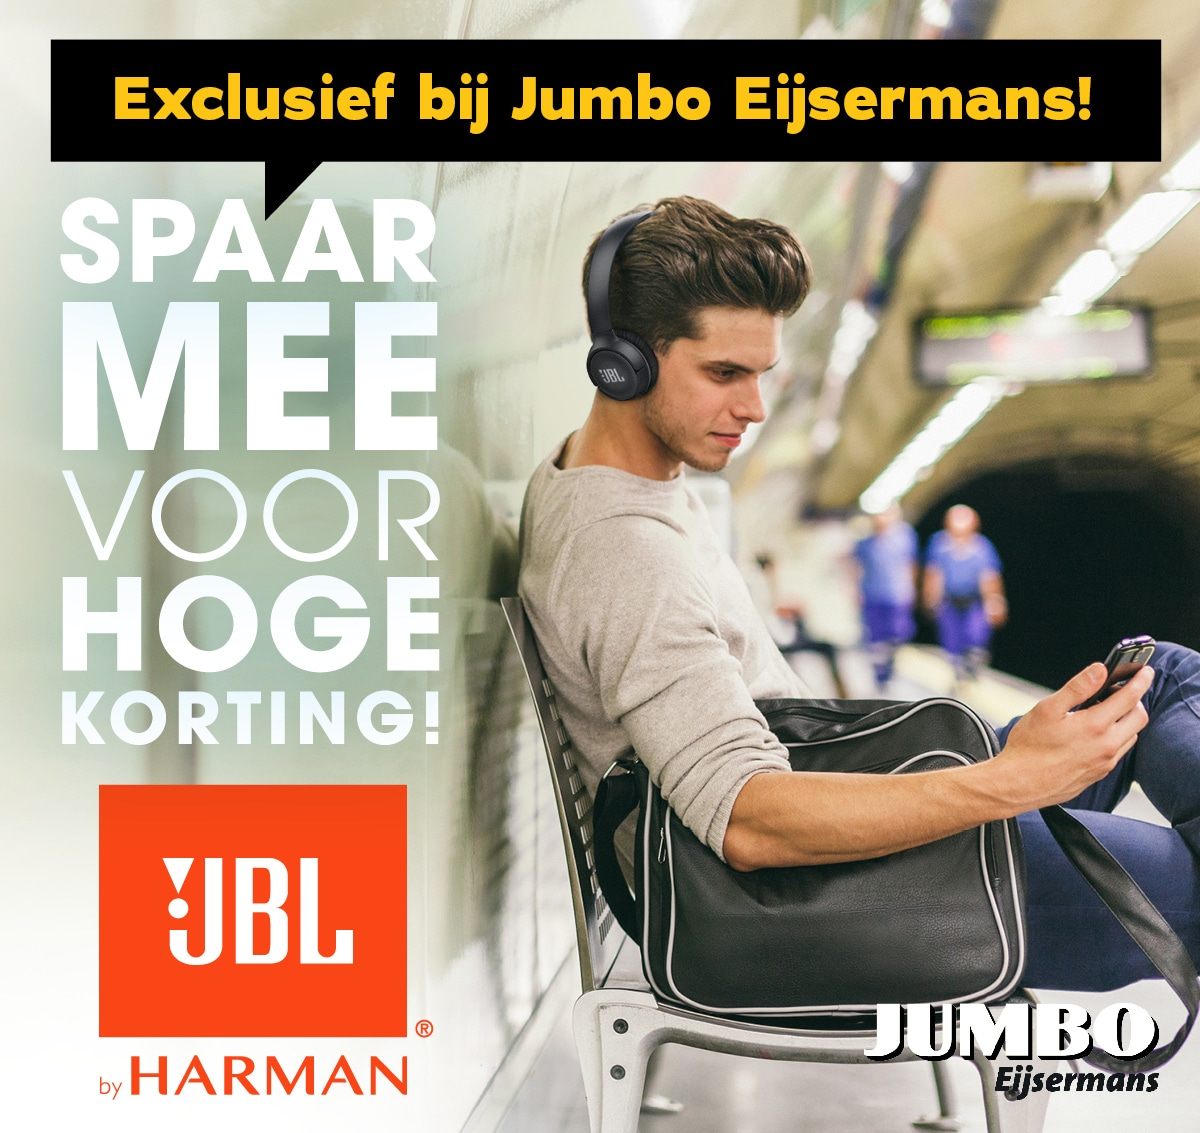 Spaaractie JBL Jumbo Eijsermans